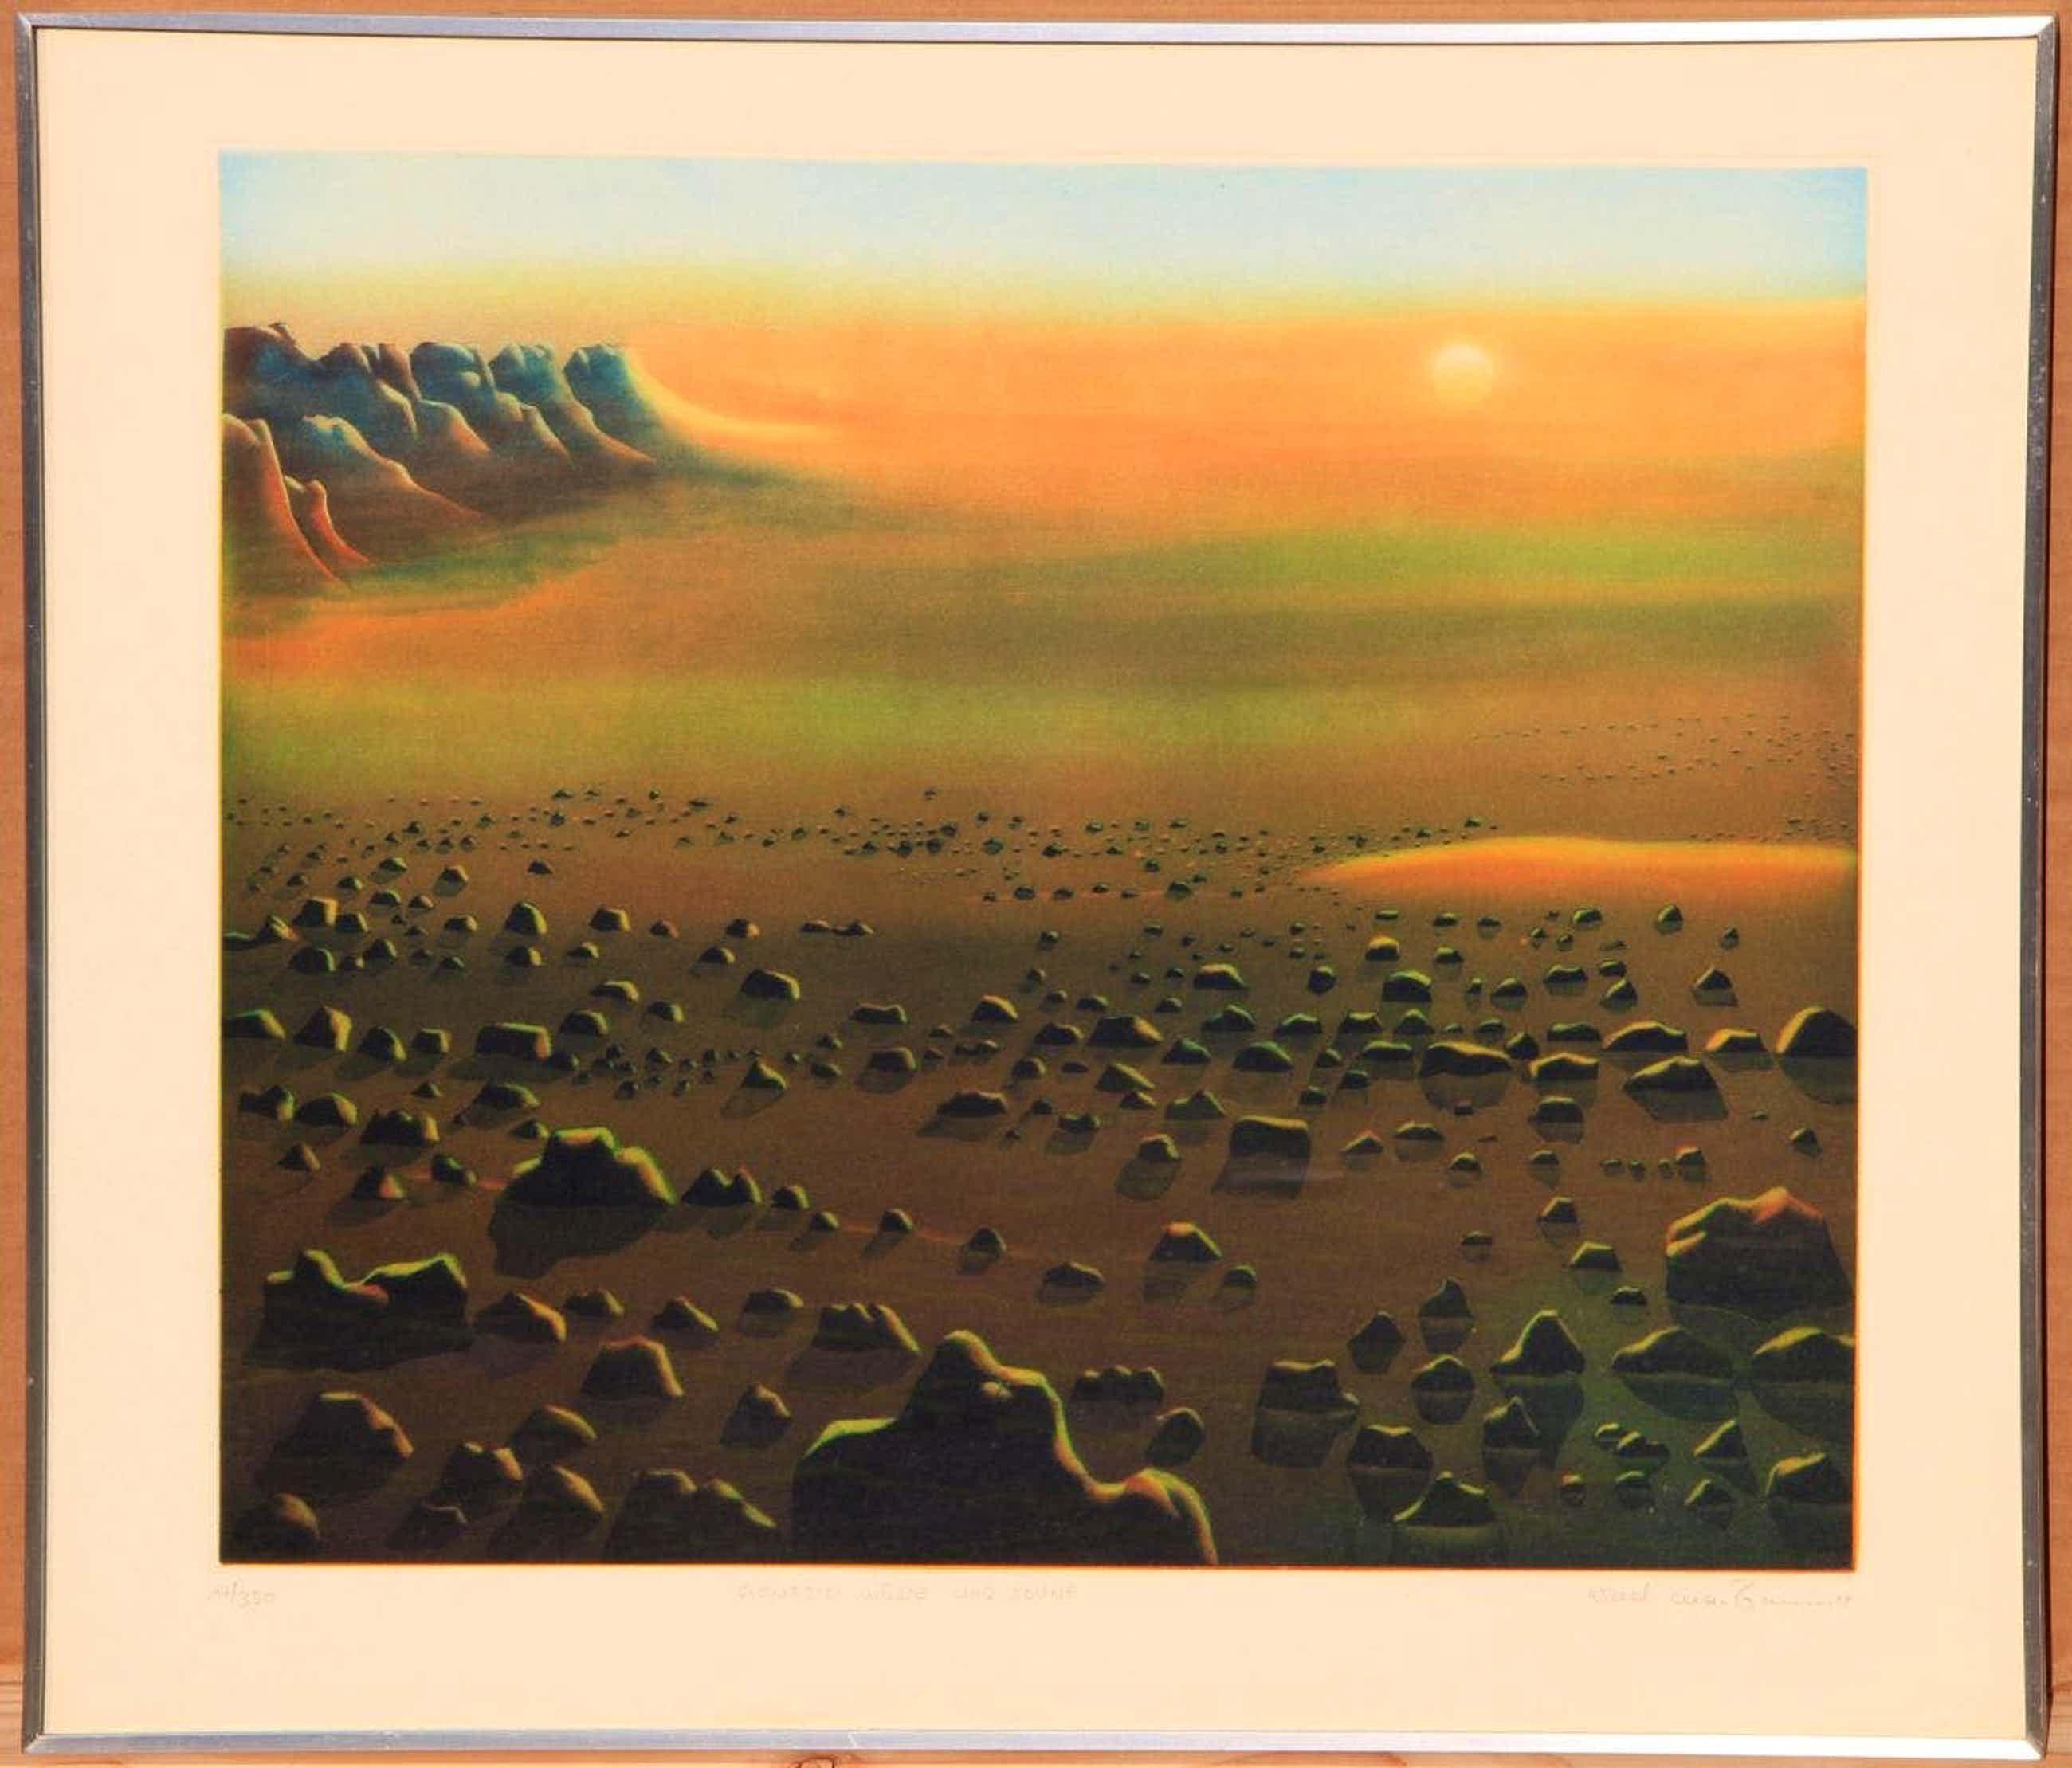 Arnd Maibaum - Genesis Sonne und Wüste - Orignal-Farbradierung limitiert 17/350 kopen? Bied vanaf 90!